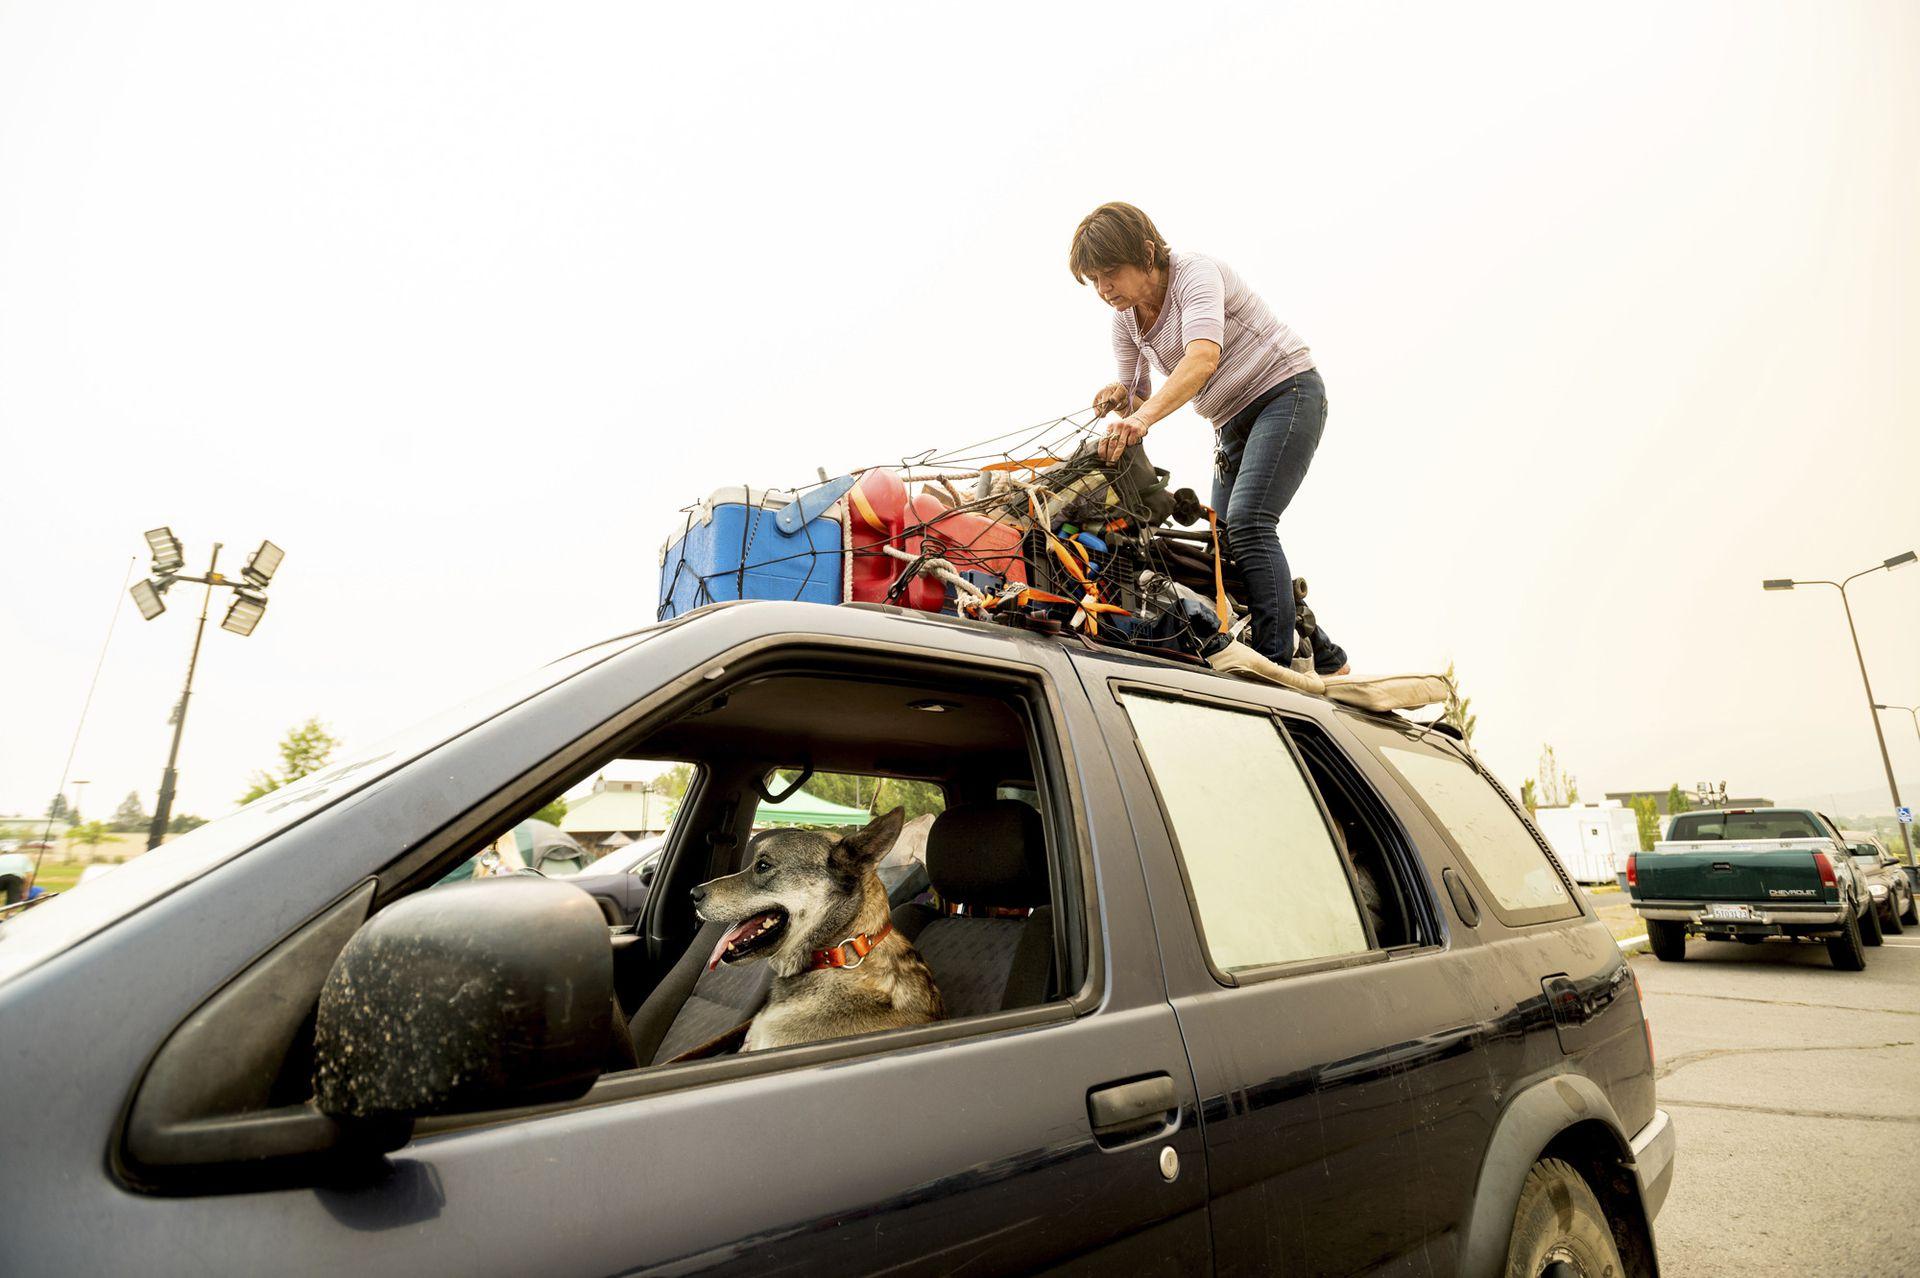 """Kesia Studebaker, residente de Greenville, que perdió su casa a causa del incendio de Dixie, asegura sus pertenencias antes de salir de un refugio para evacuados de Susanville, en California. La acompaña su perro Logan. """"Lo perdí todo. Esto es todo lo que me ha quedado"""", dijo Studebaker y agregó """"Es un nuevo comienzo, una nueva aventura"""""""